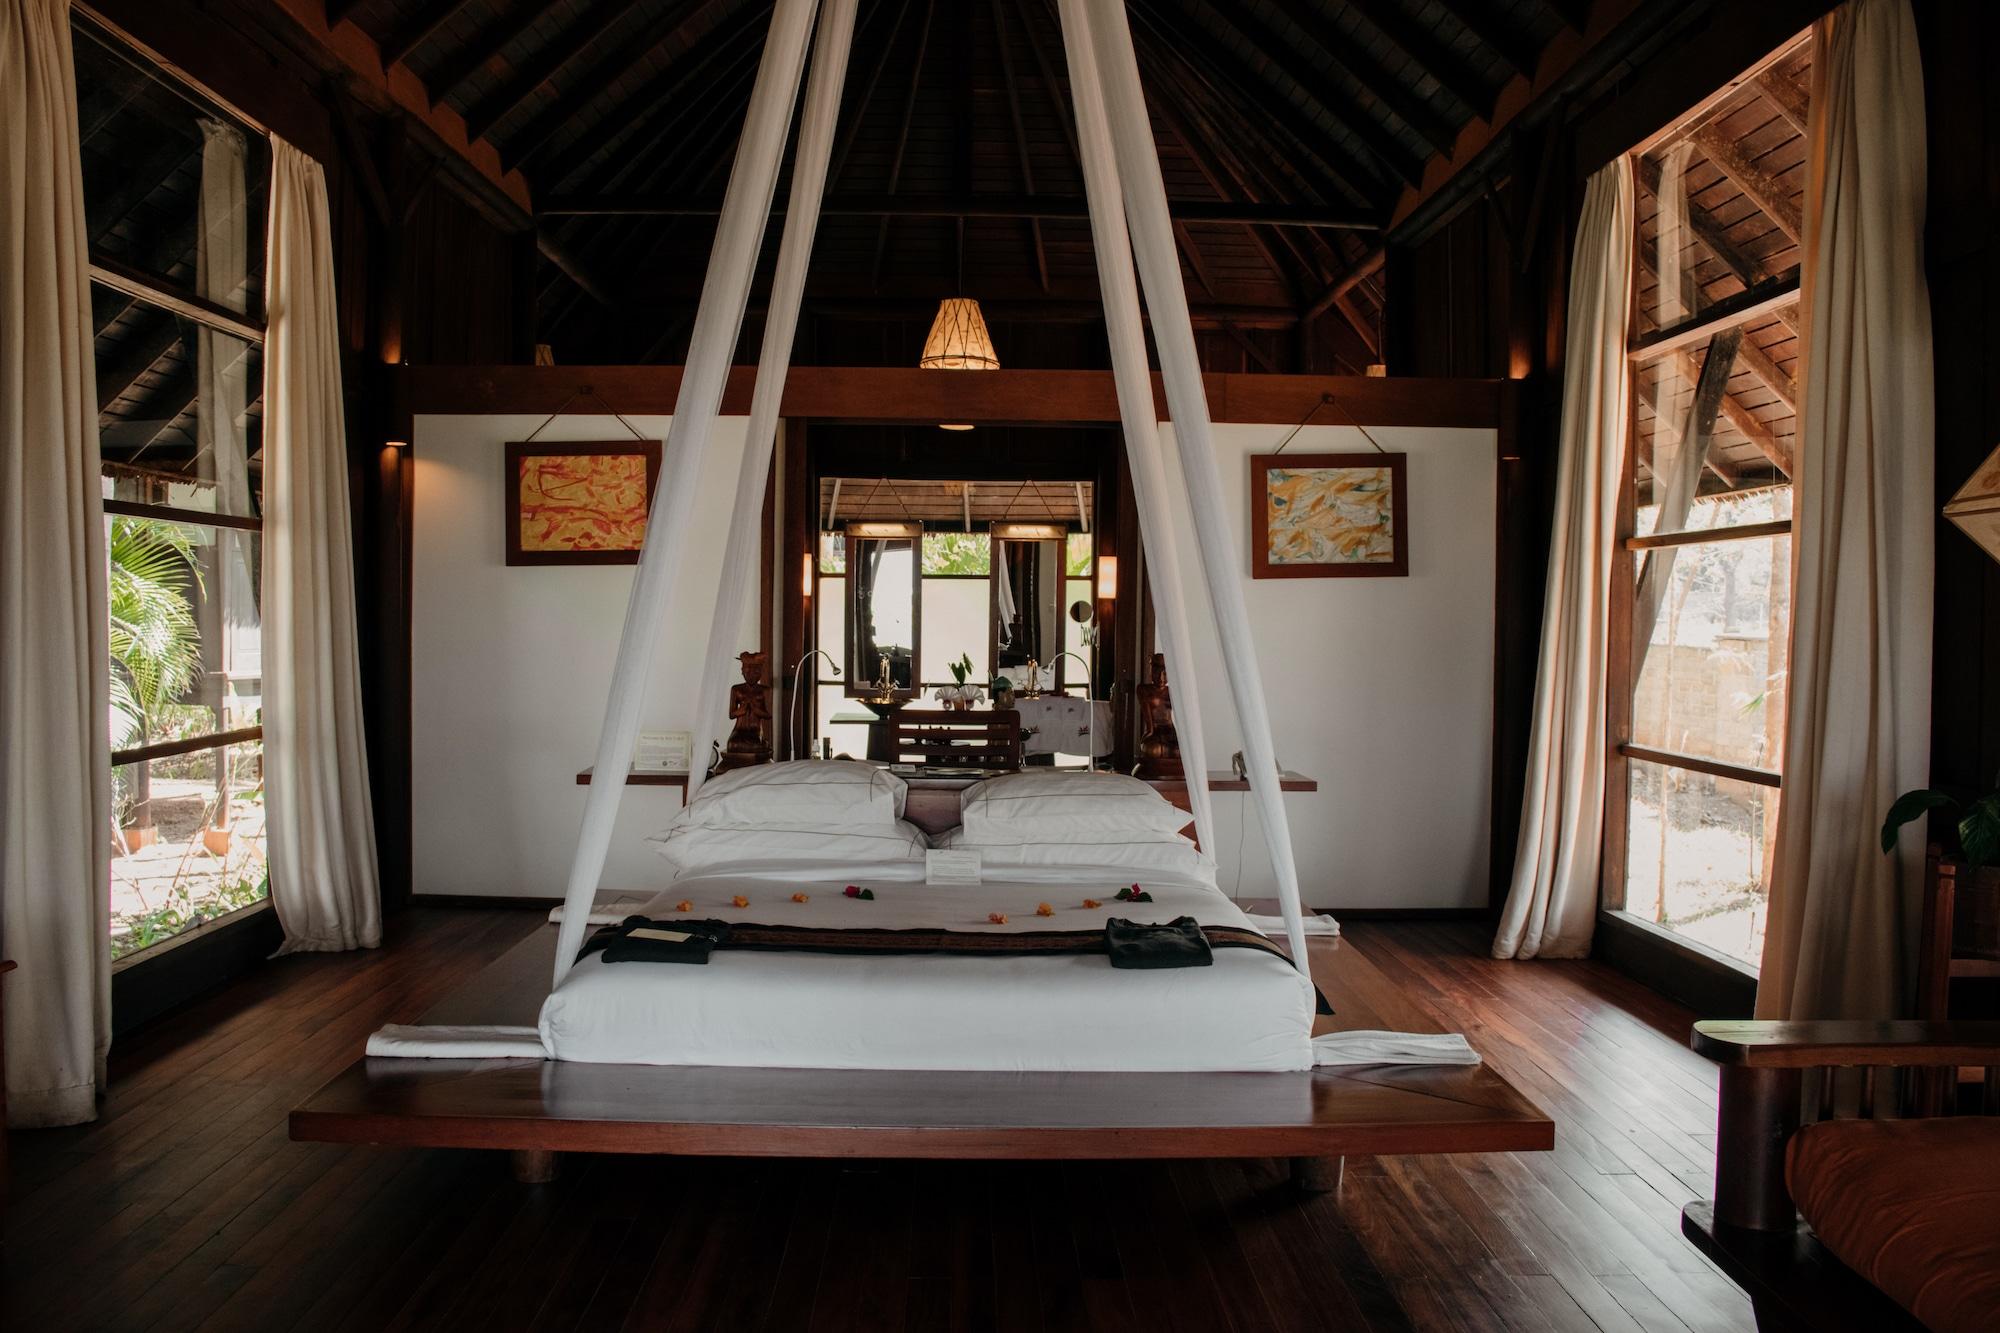 villa inle boutique hotel zimmer